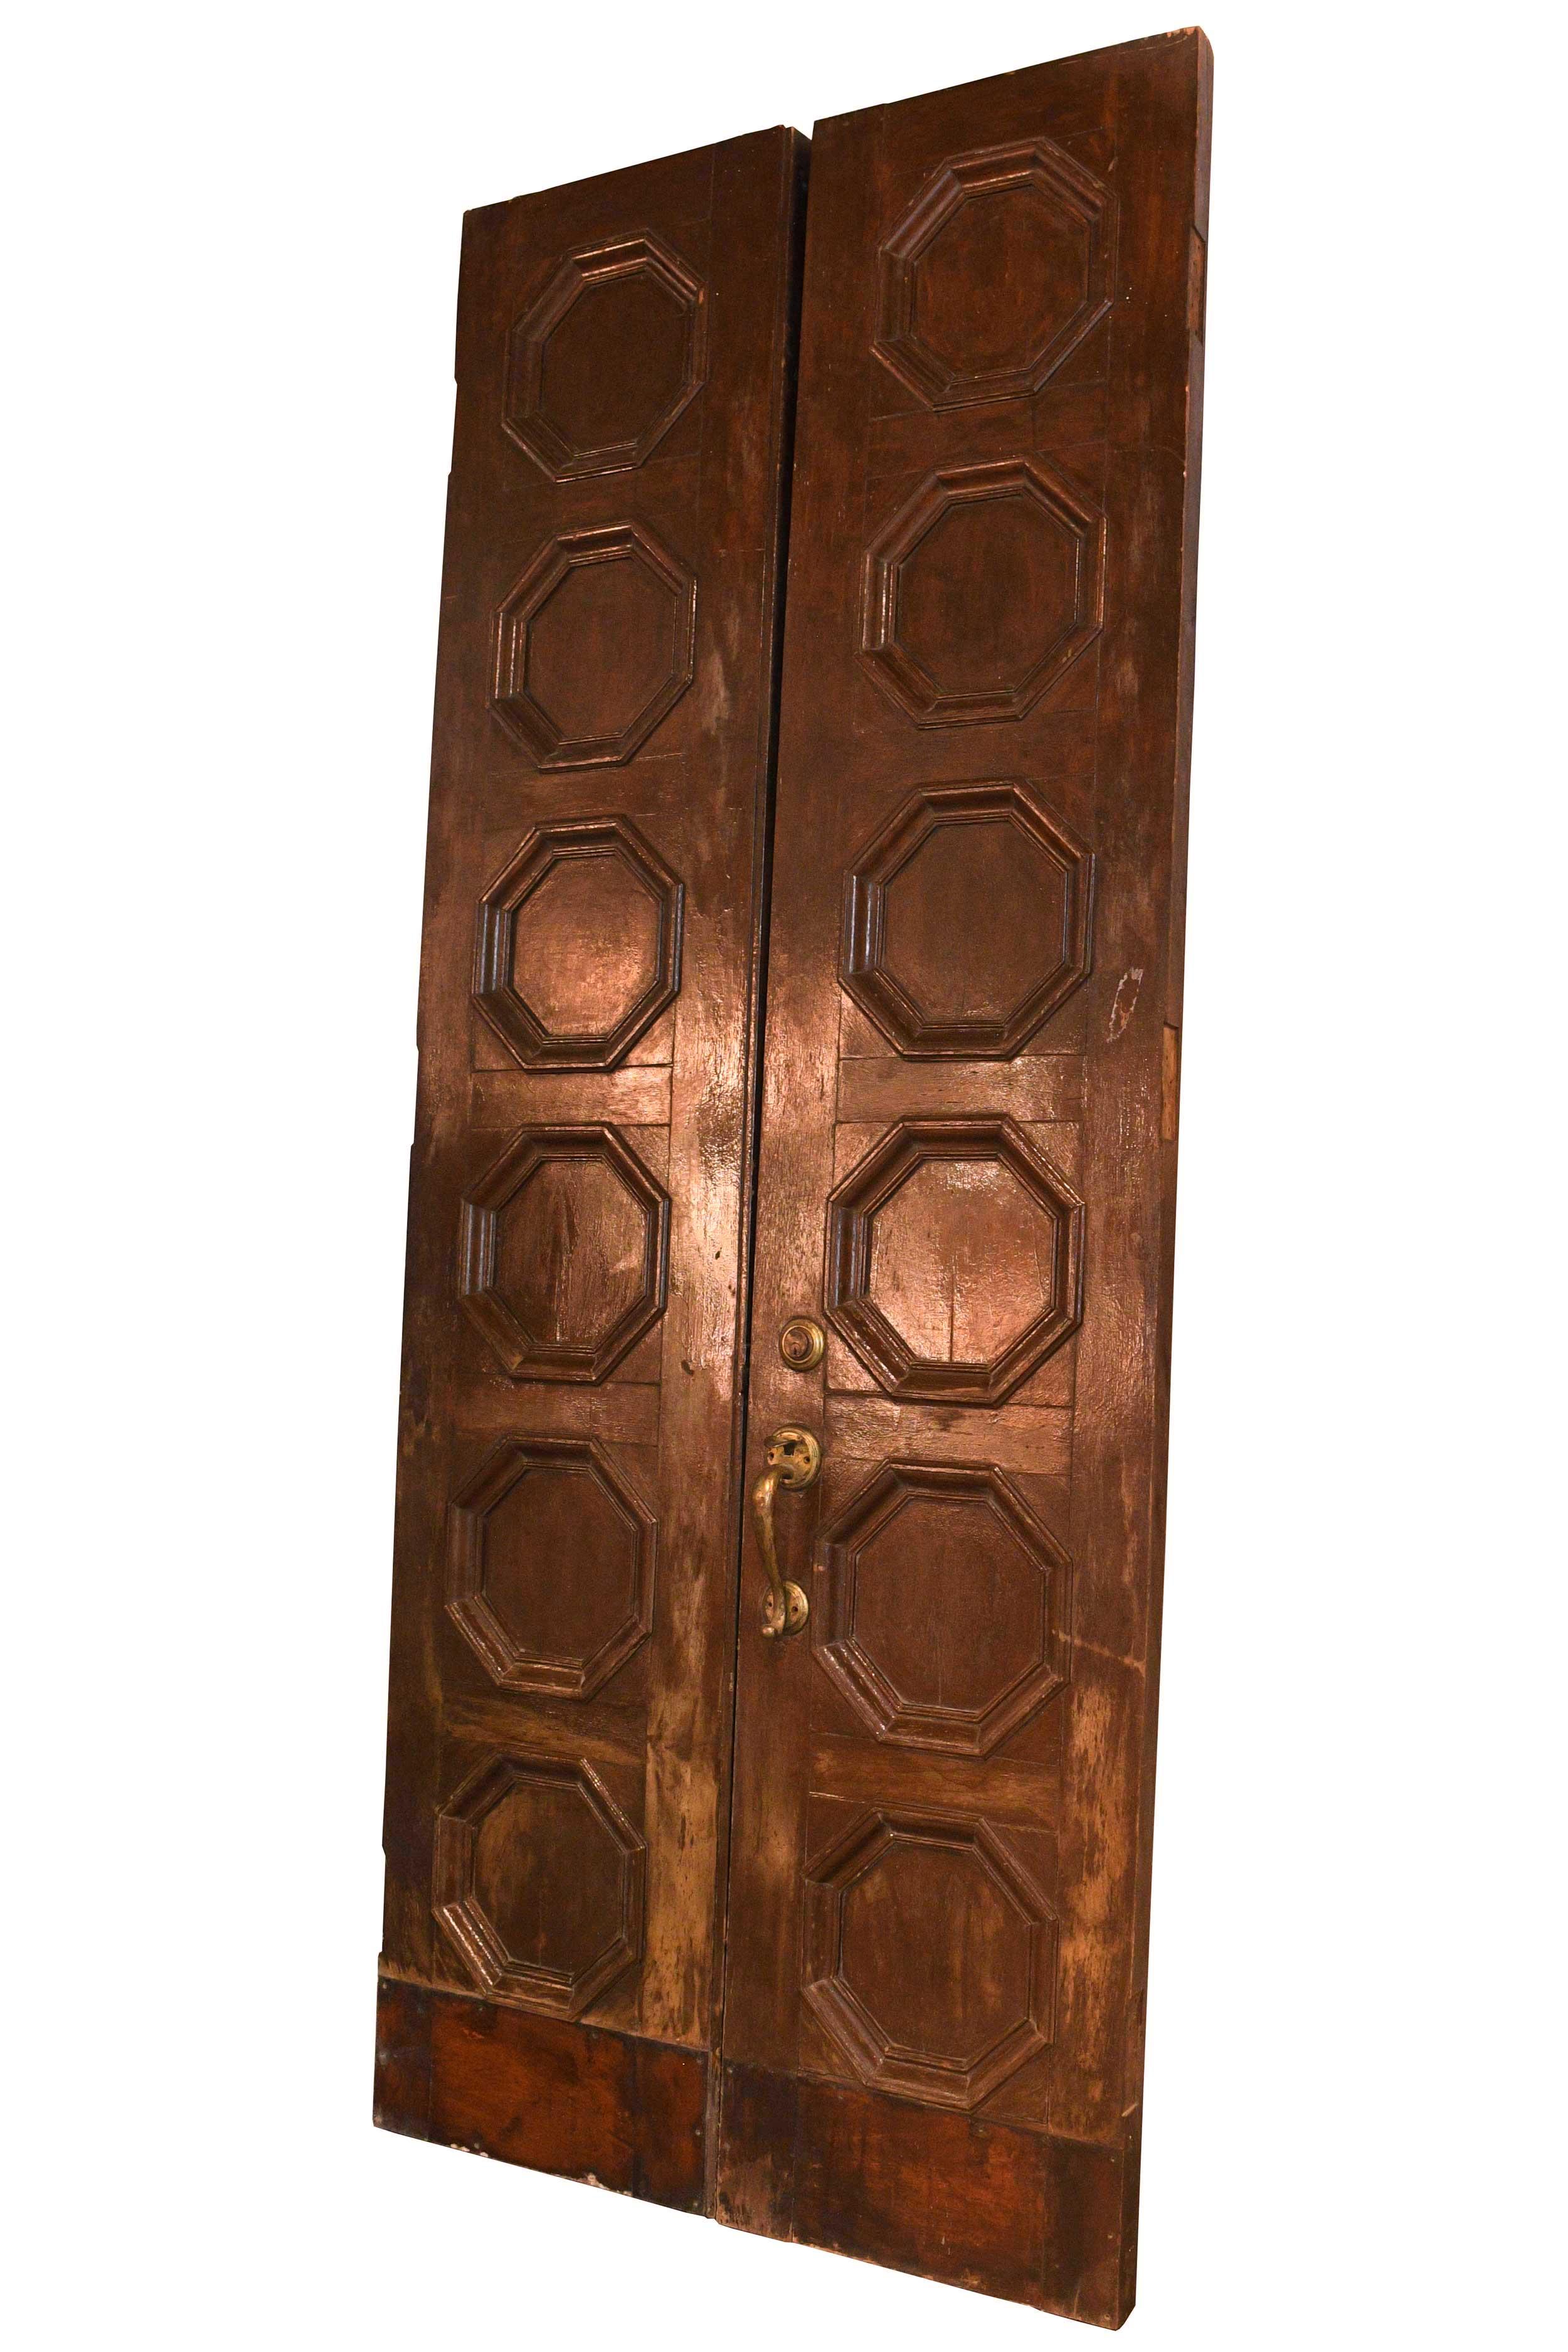 47974-walnut-double-door-side.jpg